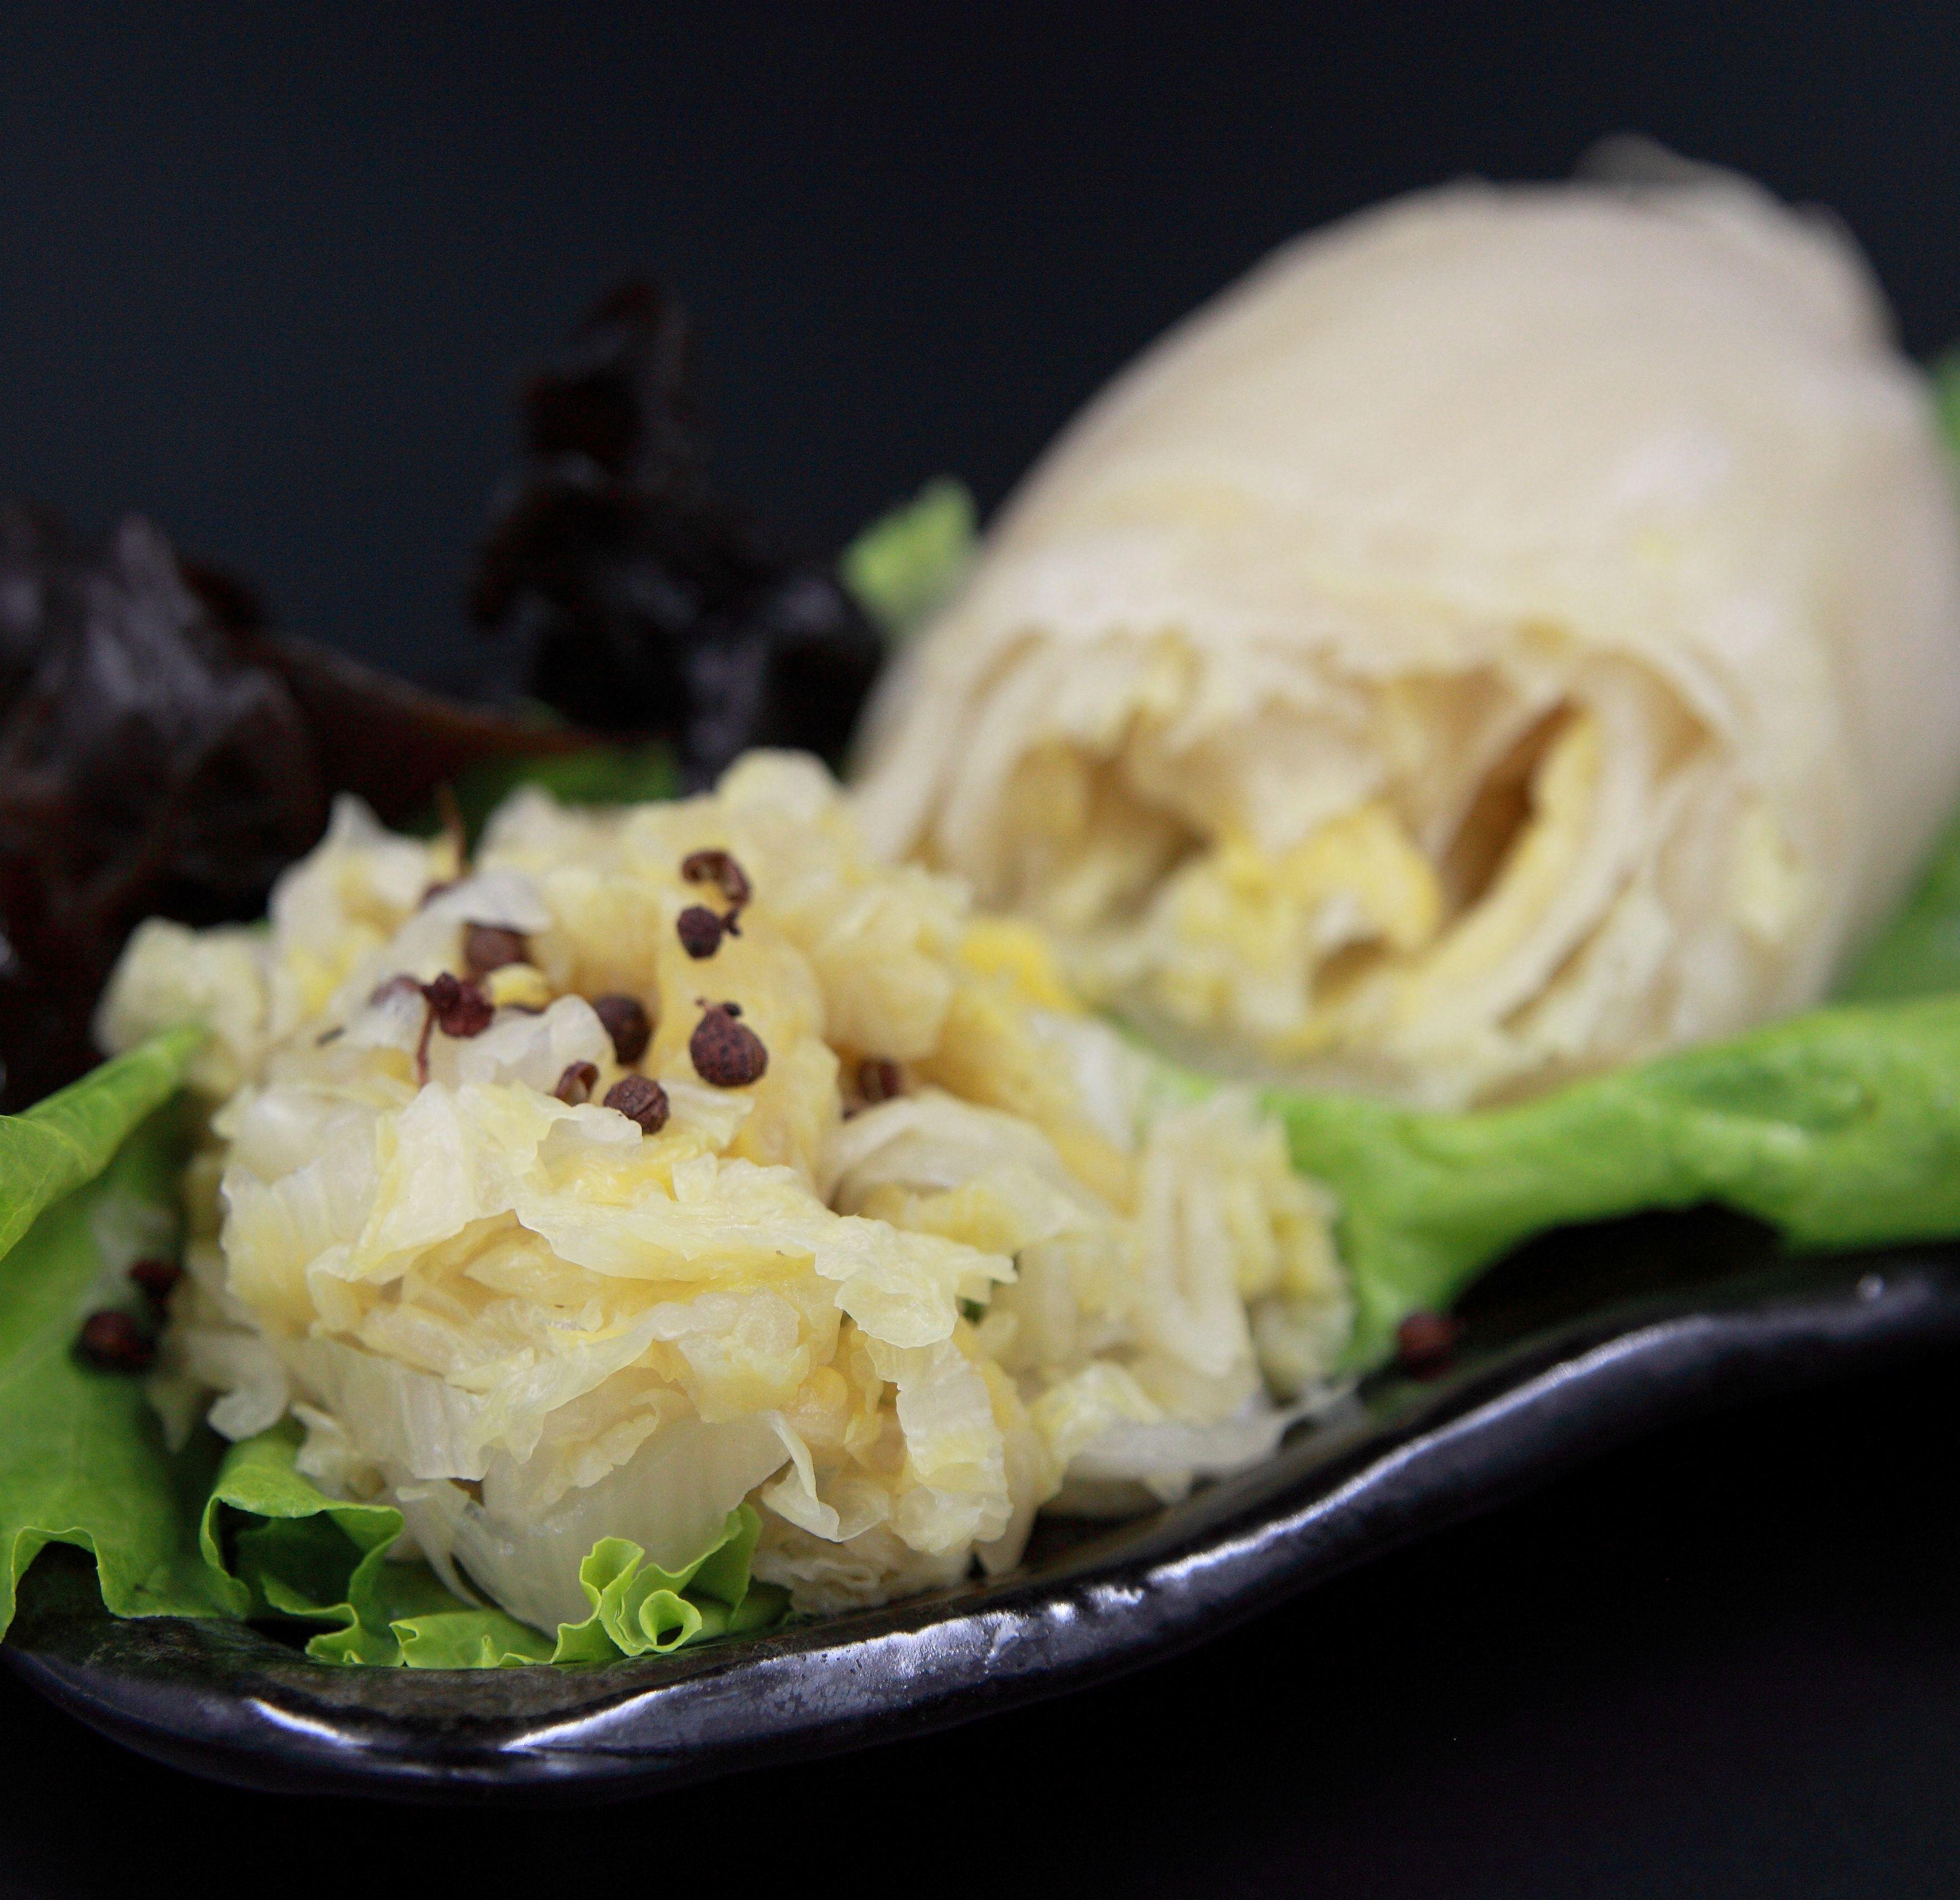 東北酸白菜 (600g) 【龍岡圓環】 | 21天自然發酵熟成,酸溜解膩,煲湯、火鍋最佳良伴。